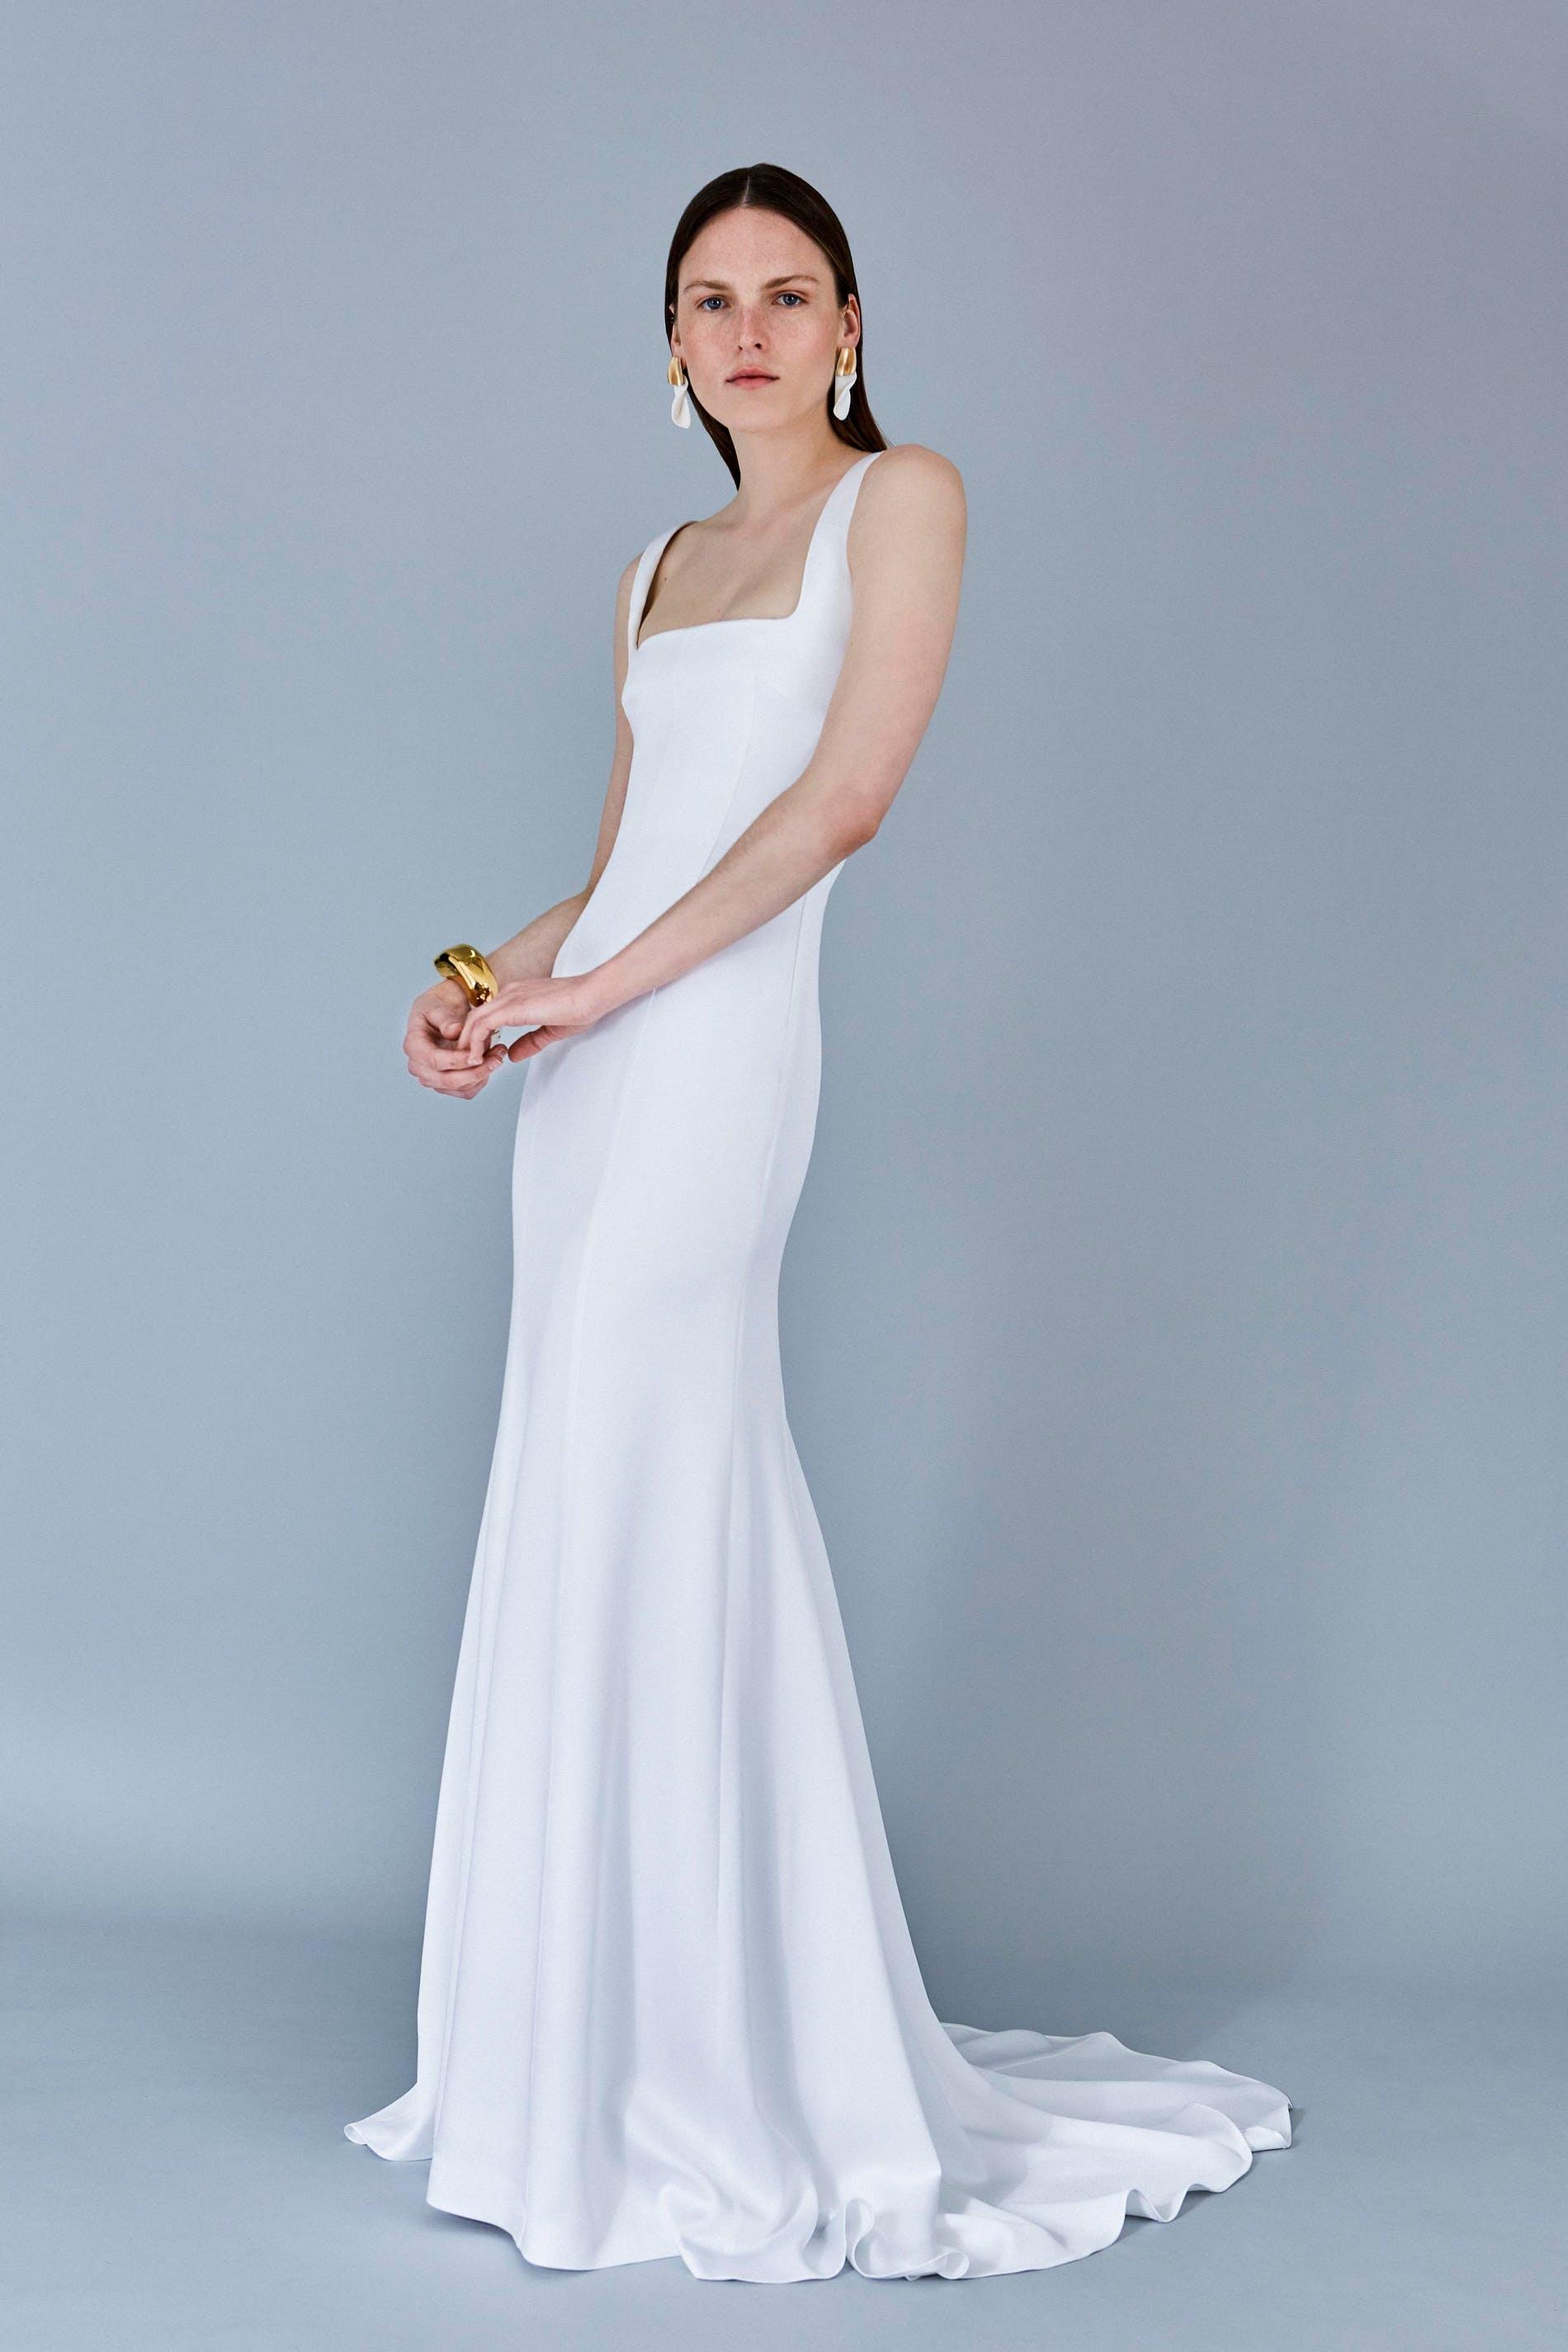 Chủ nghĩa tối giản sẽ thống trị phong cách váy cưới nhiều mùa tới - 3